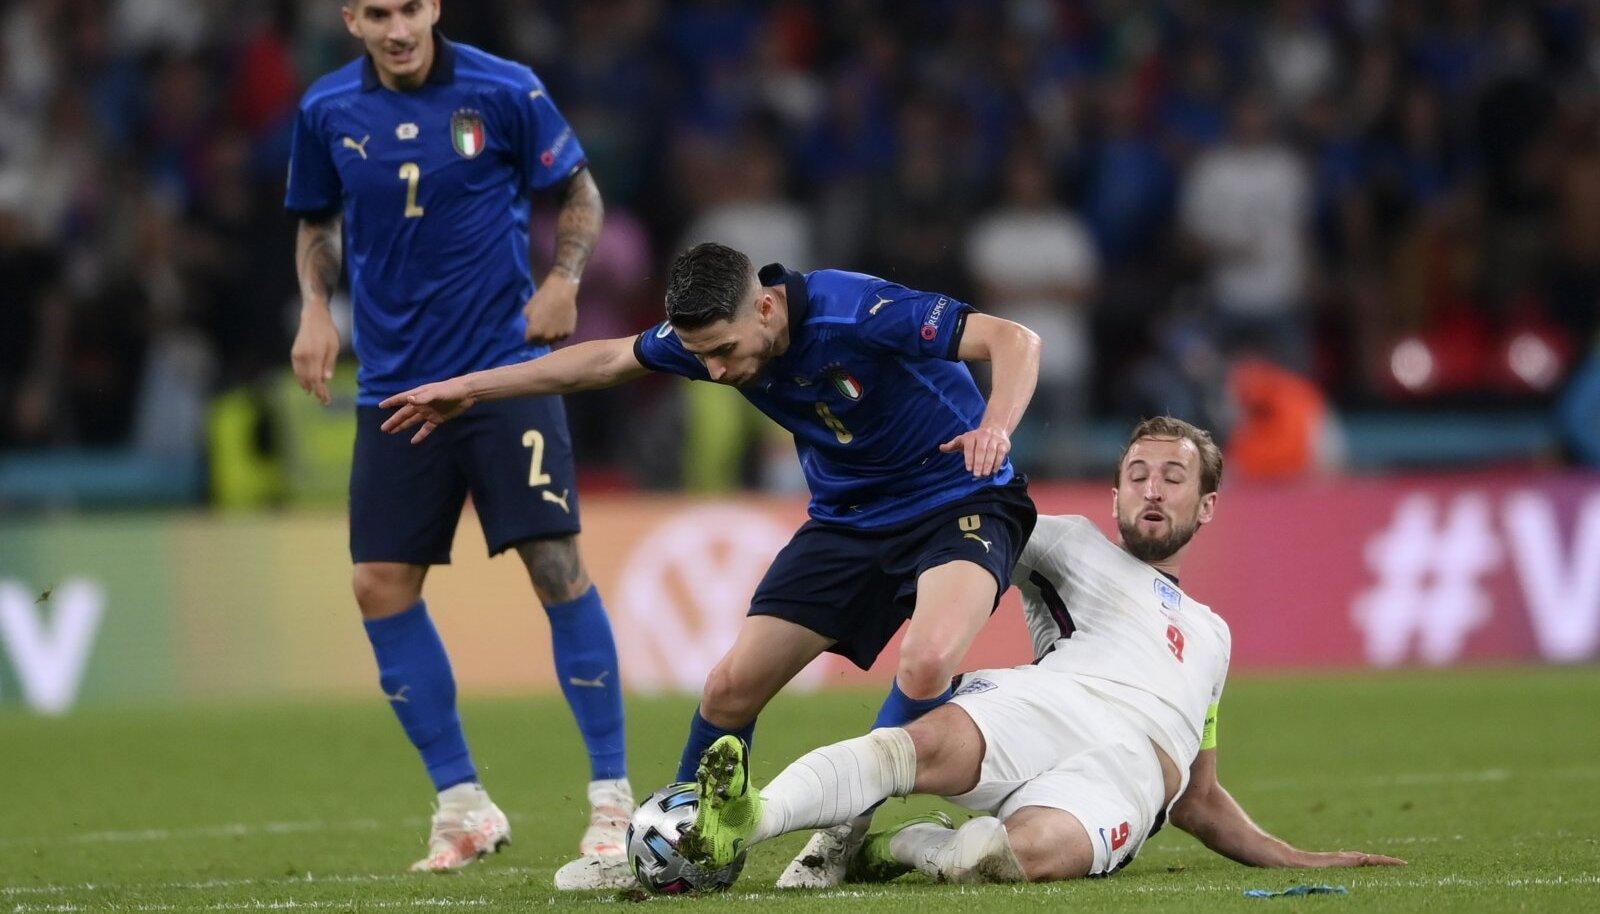 Jalgpalli EM-i finaal Inglismaa - Itaalia.